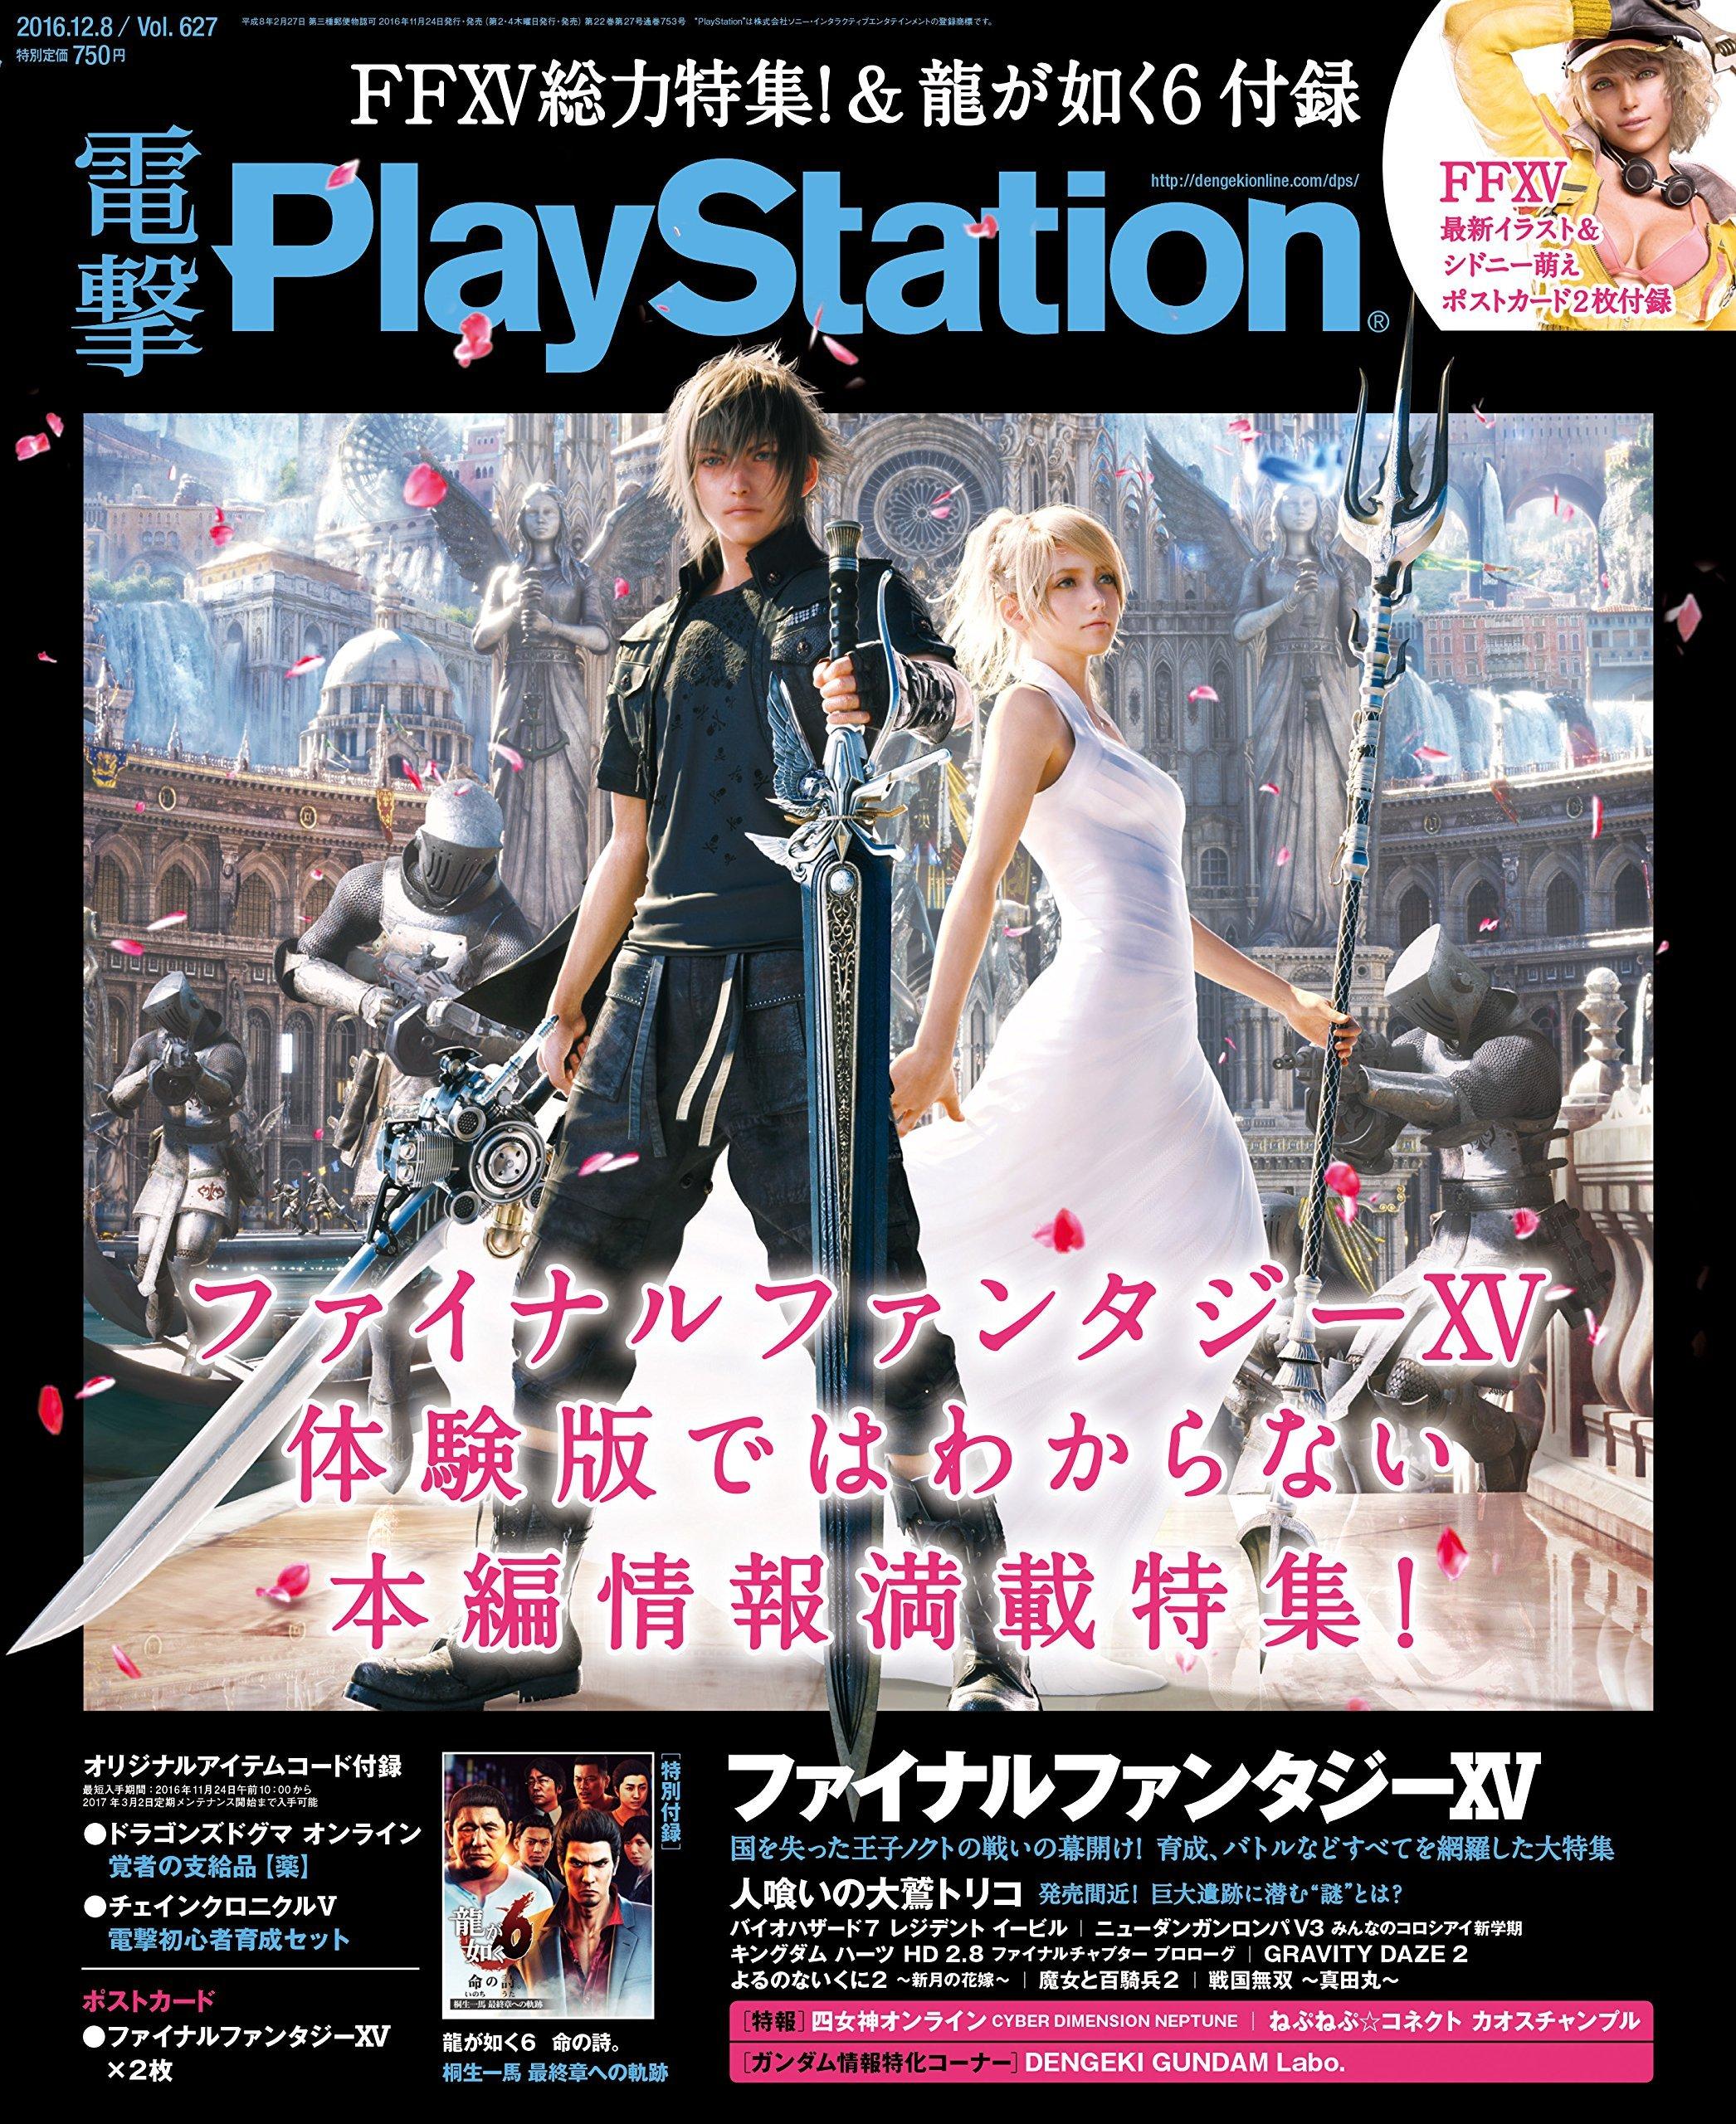 Dengeki PlayStation 627 (December 8, 2016)